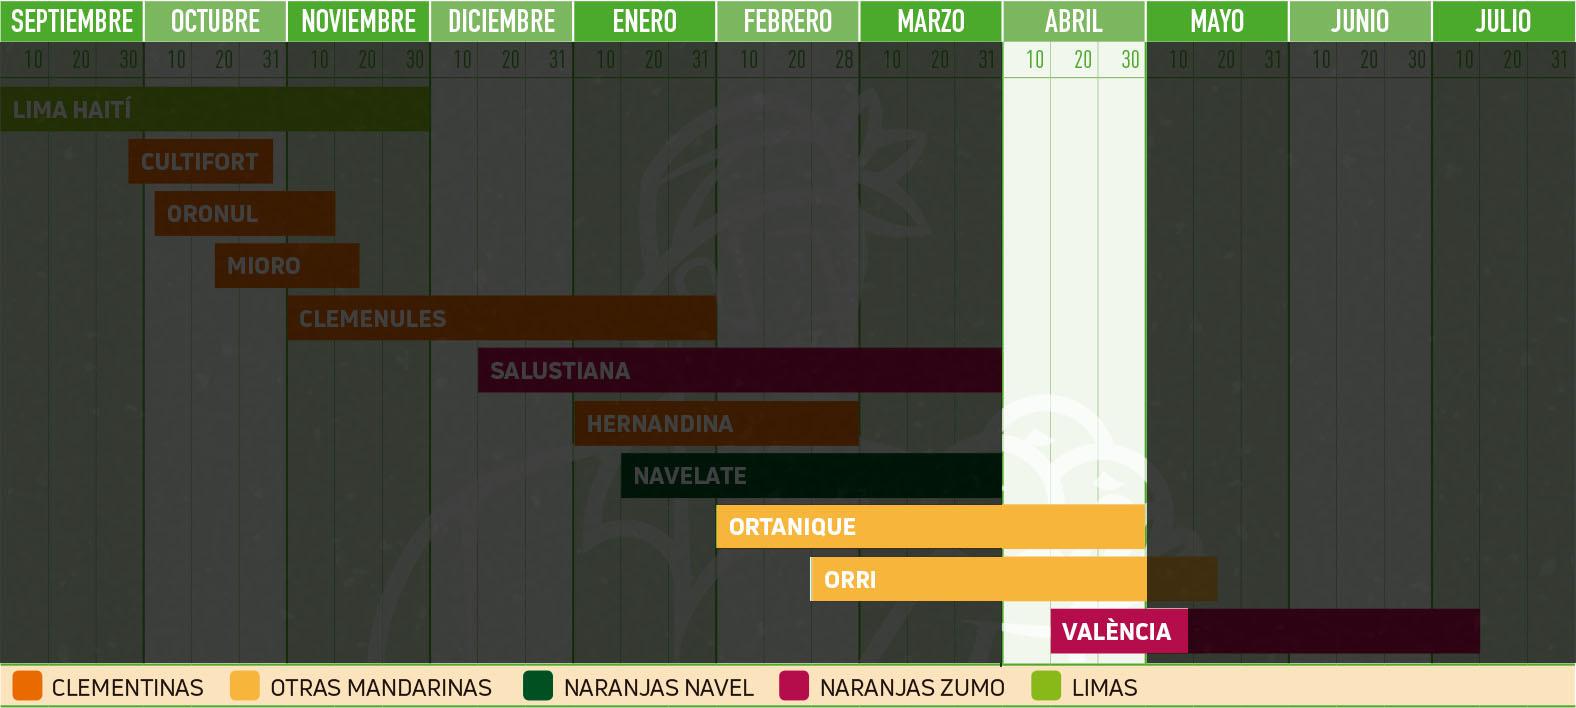 Calendario_Abril_V&F